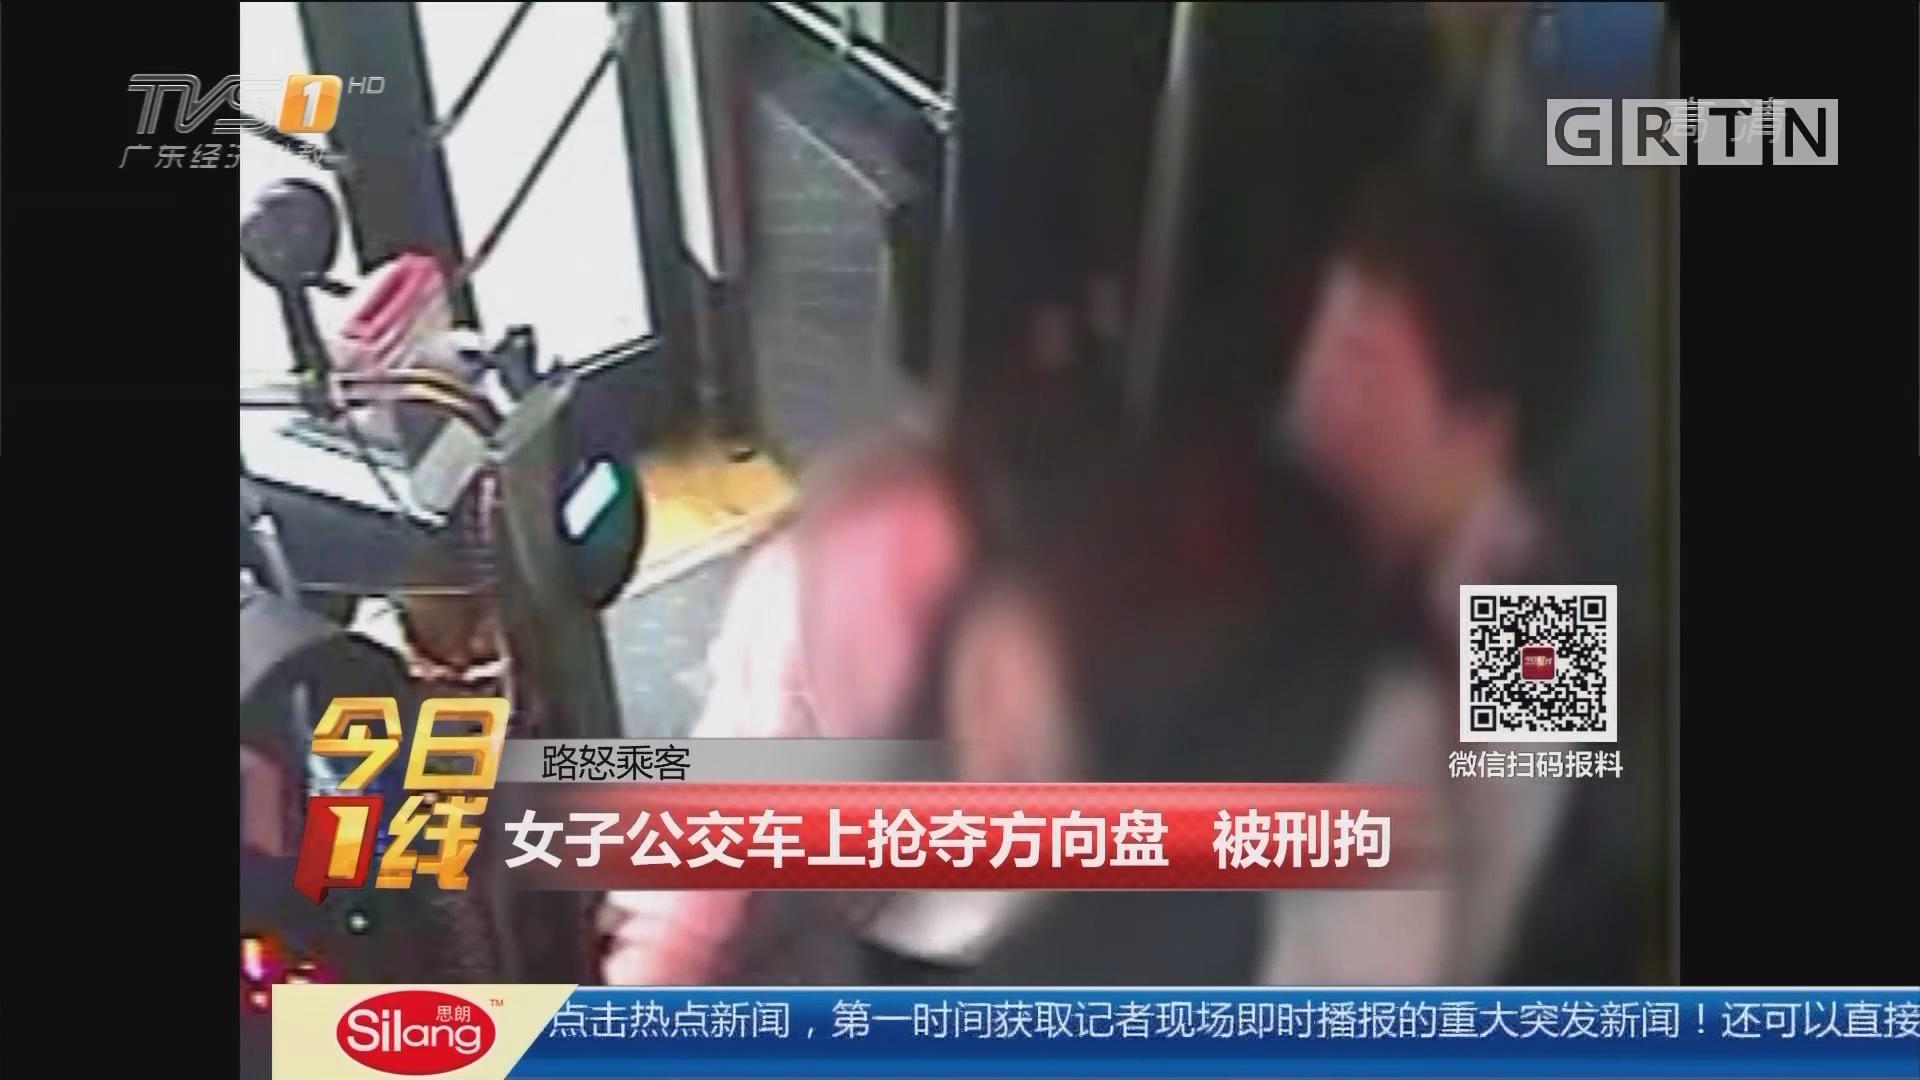 路怒乘客 女子公交车上抢夺方向盘 被刑拘